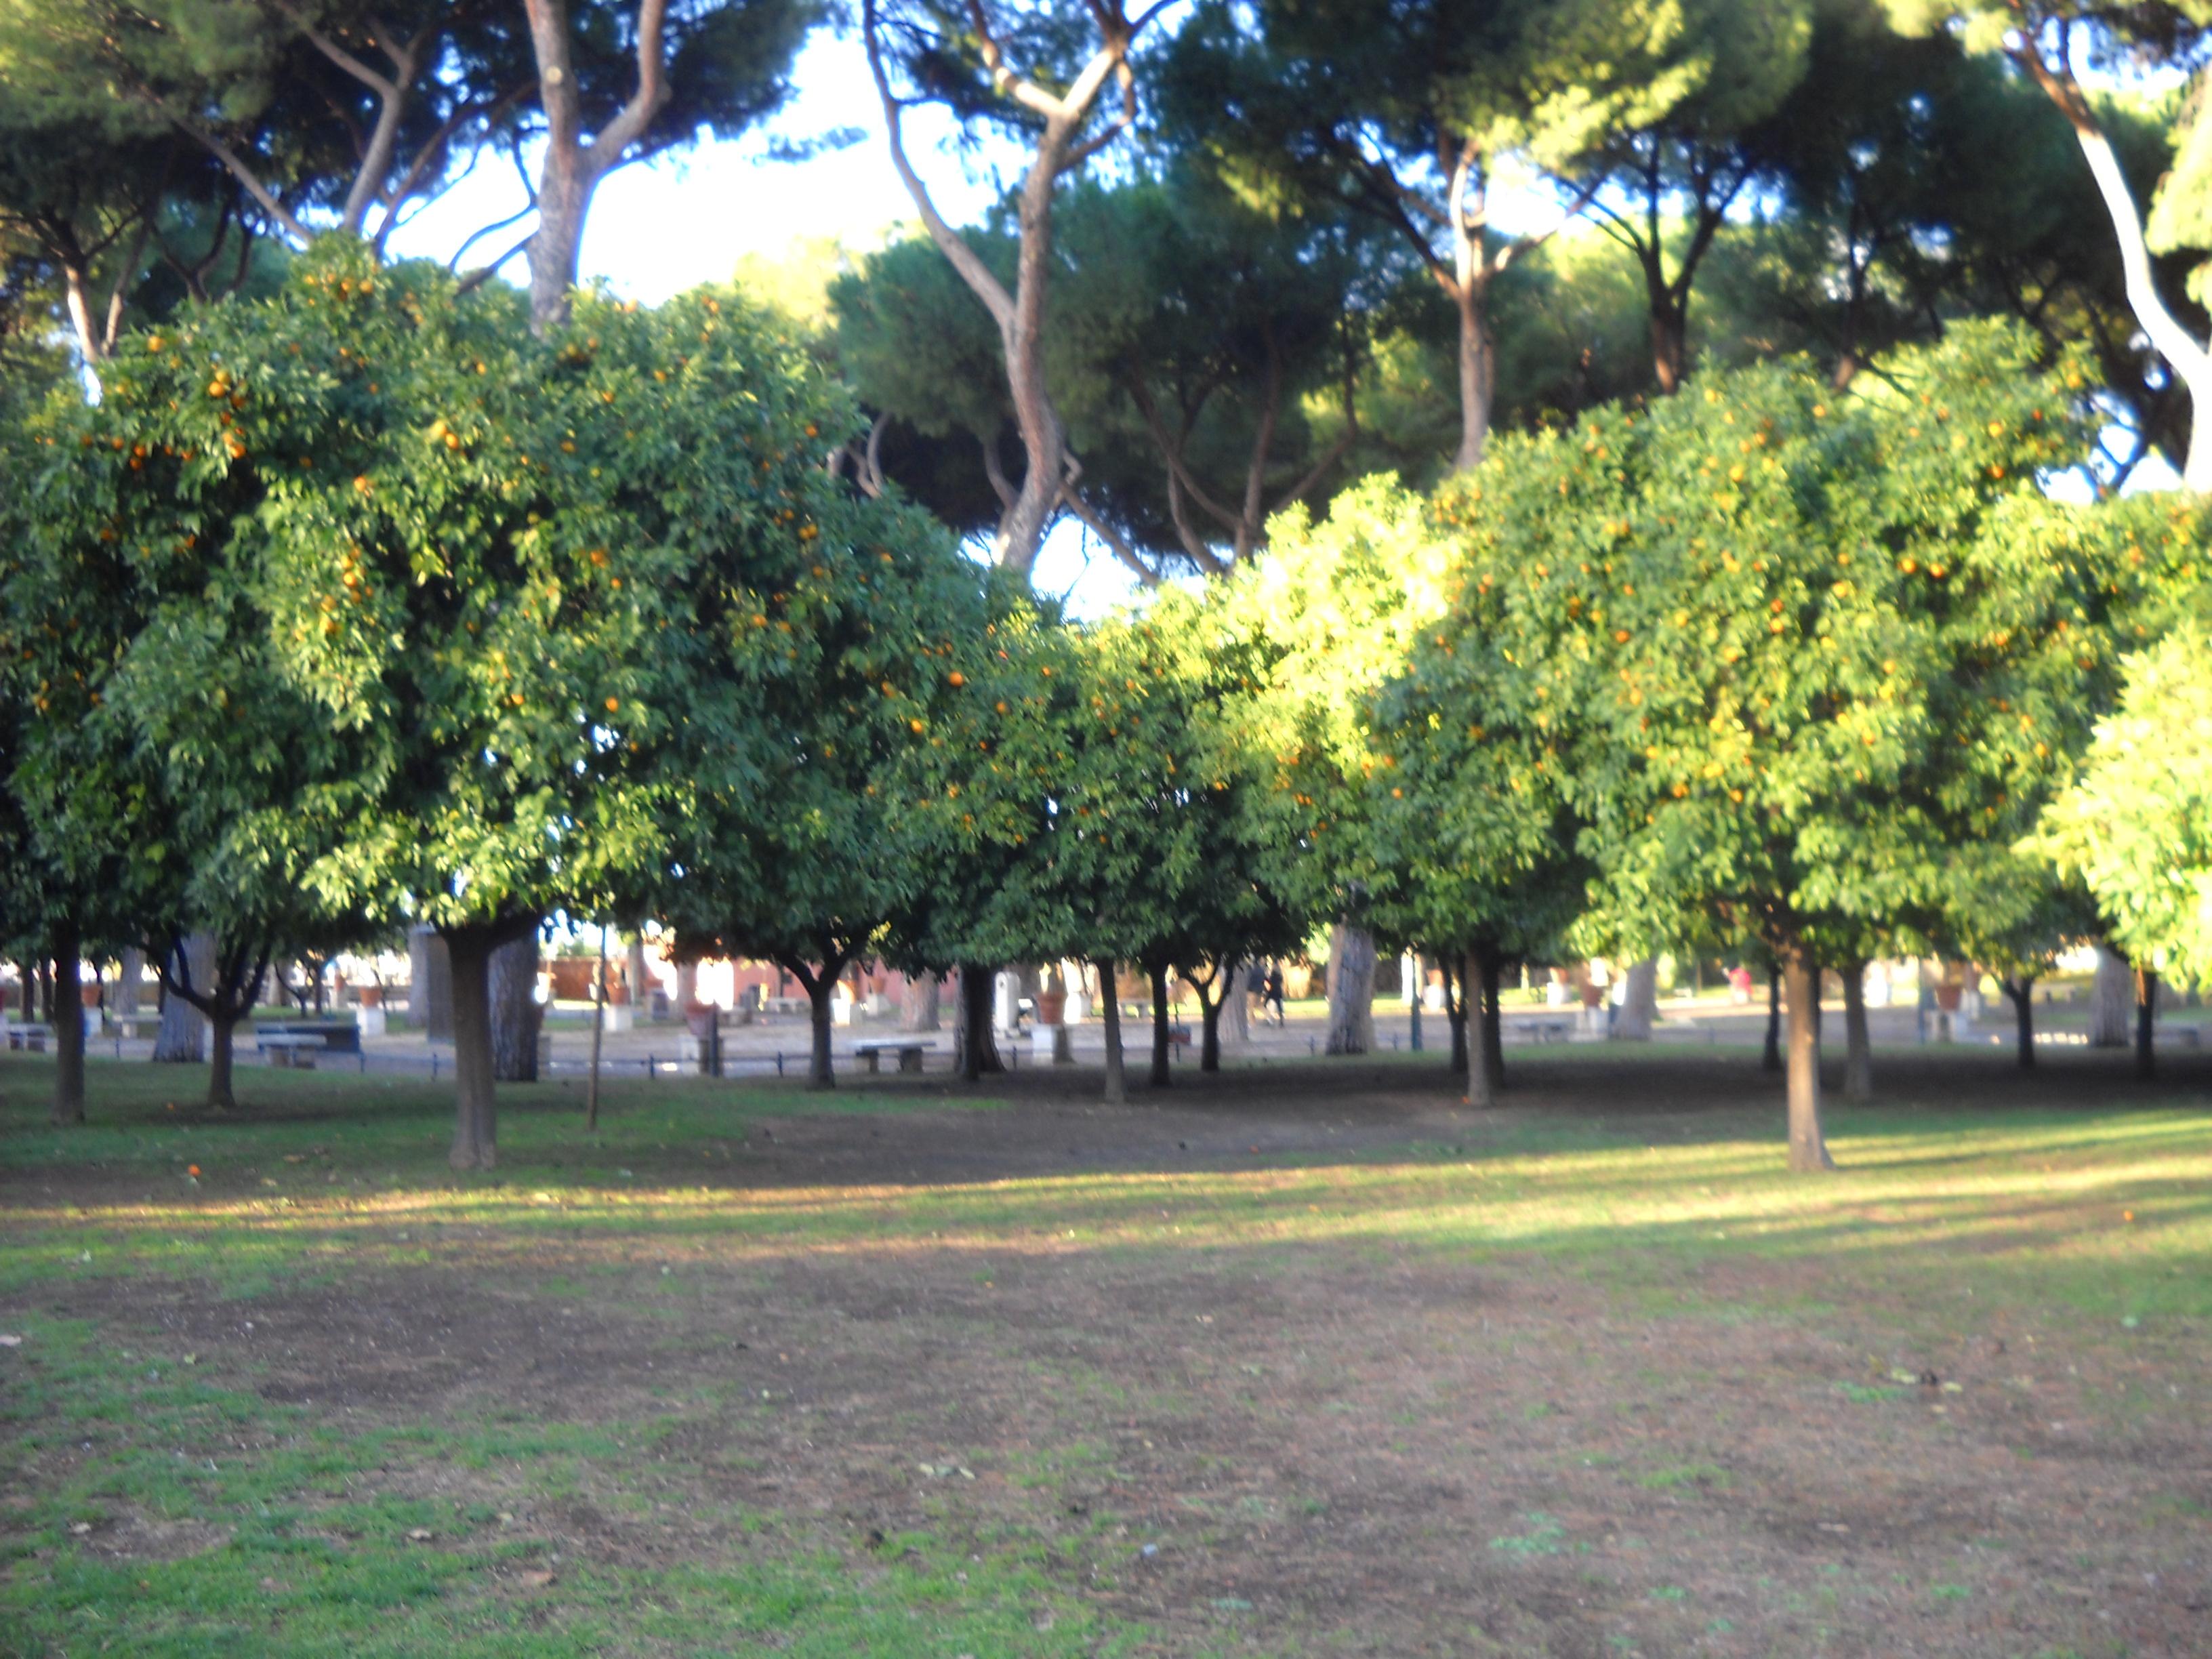 Osvaldo indirettamente caterina e il giardino degli aranci foto di mariagrazia veneziano - Giardino degli aranci frattamaggiore ...